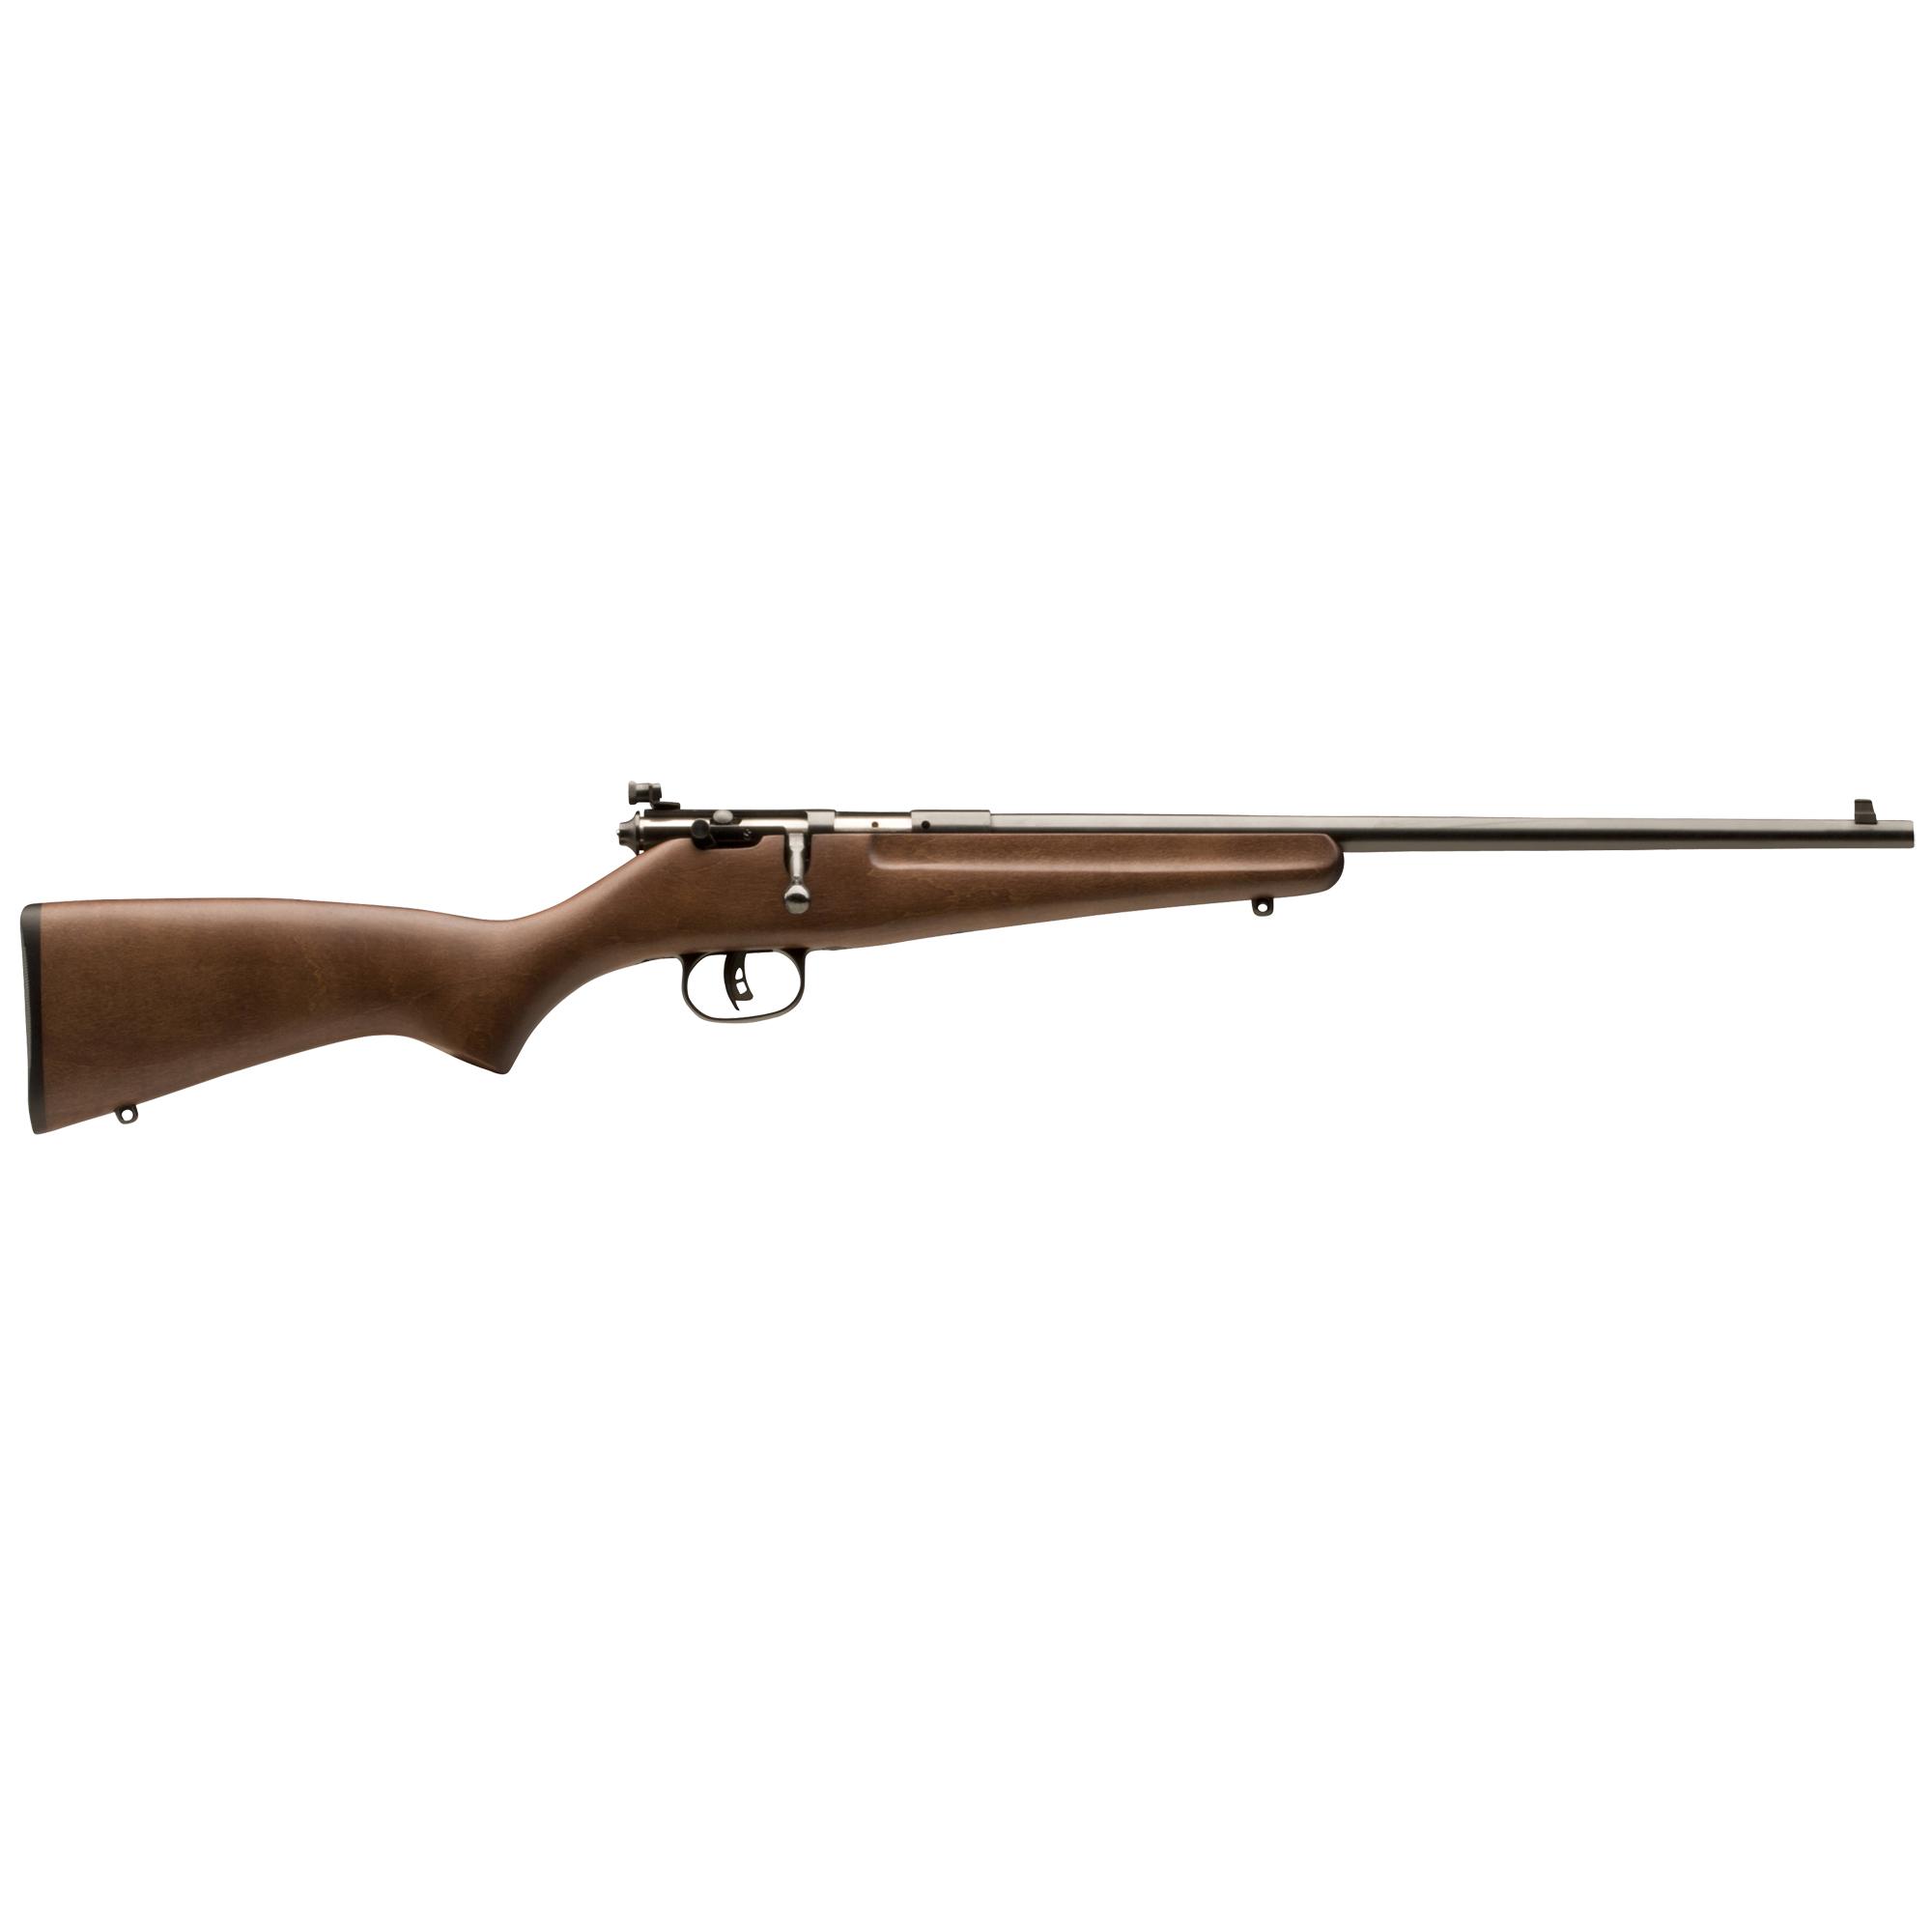 Savage Rascal Rimfire Rifle, .22 LR, Hardwood